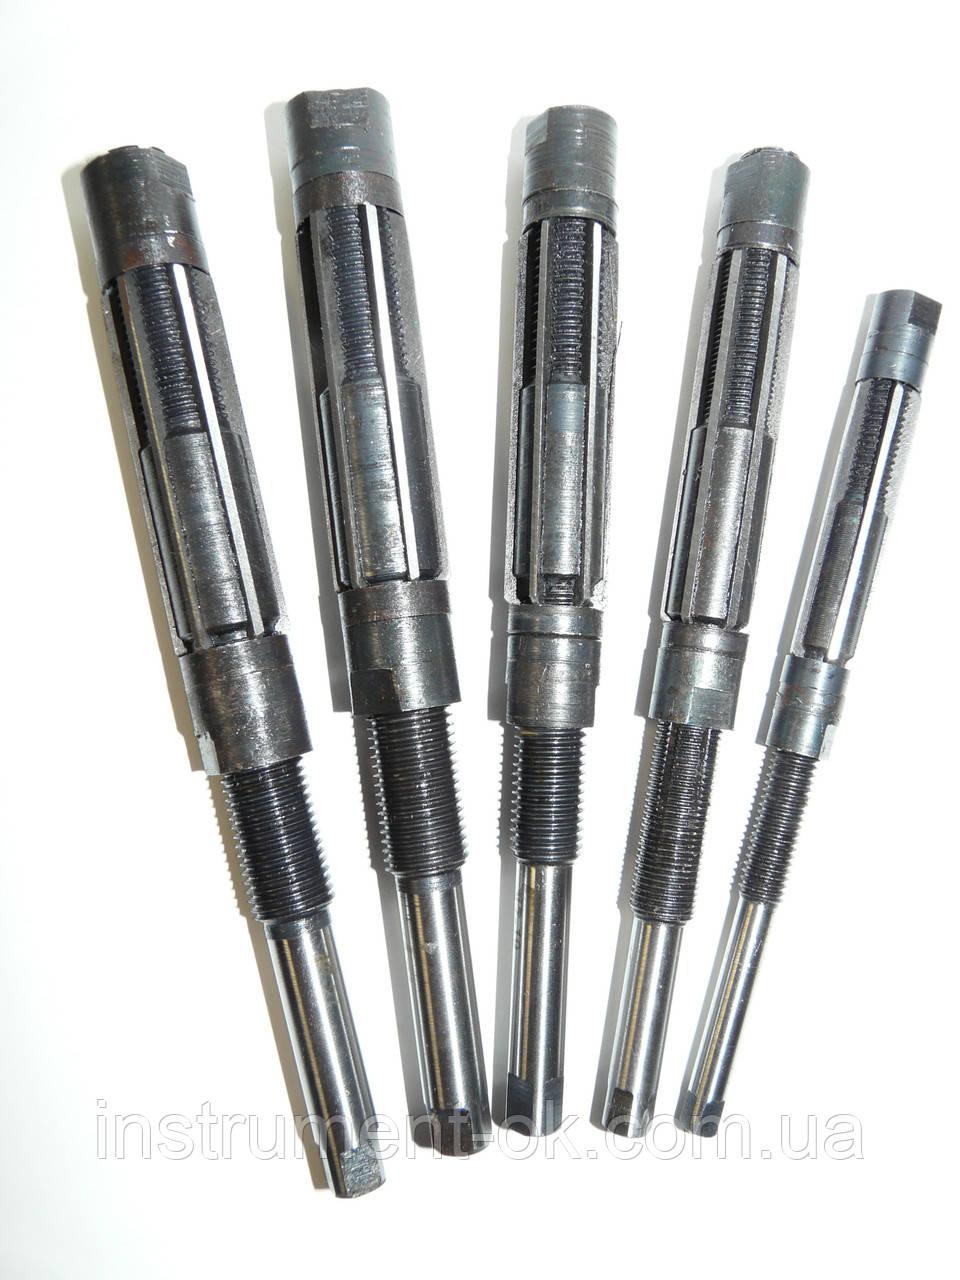 Развертка регулируемая 11.5-12.5 мм